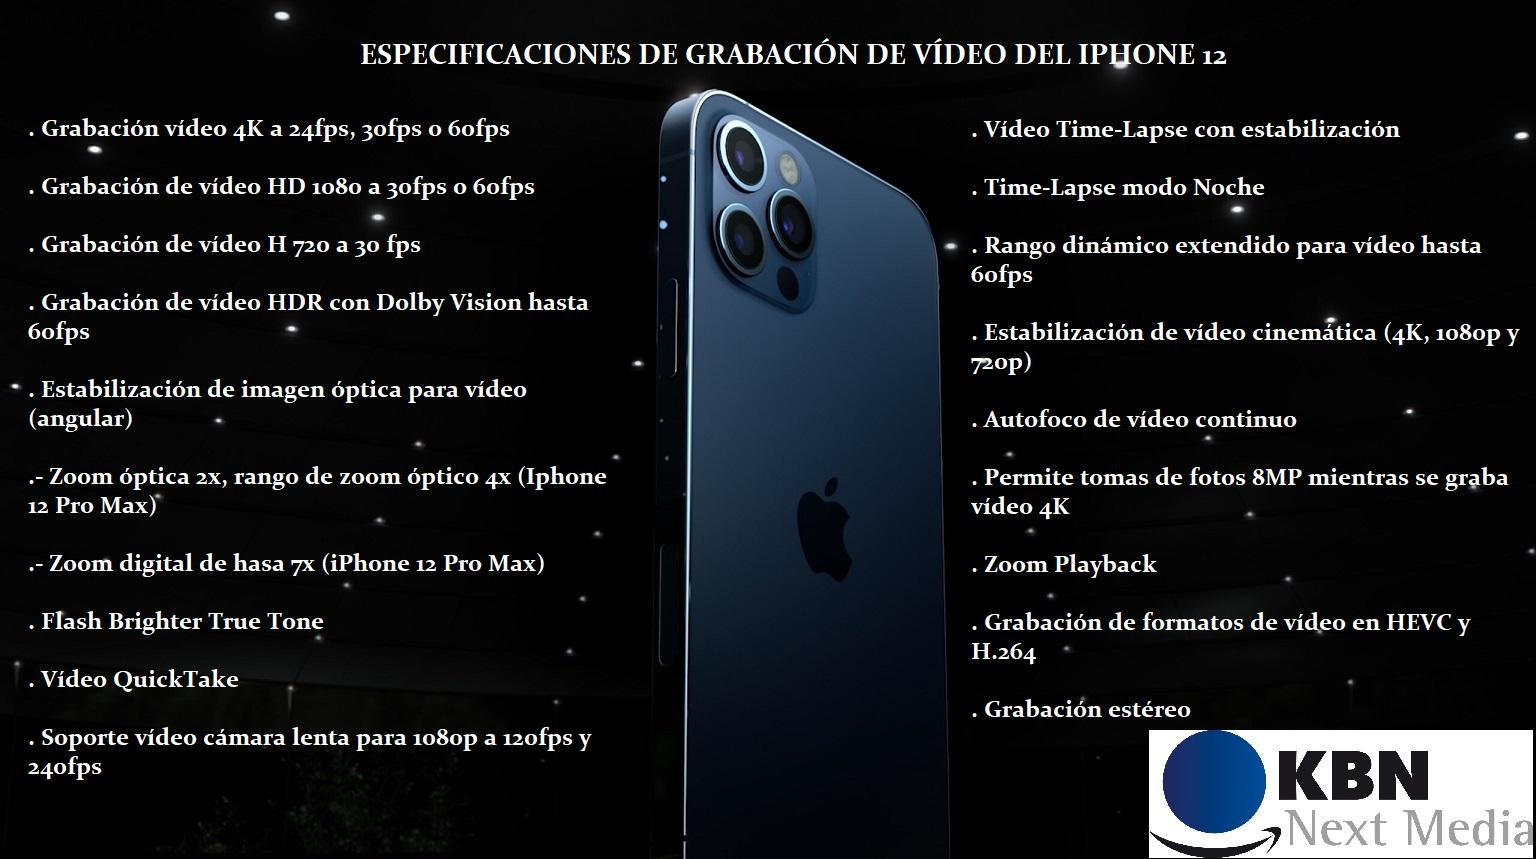 ESPECIFICACIONES VIDEO IPHONE 12